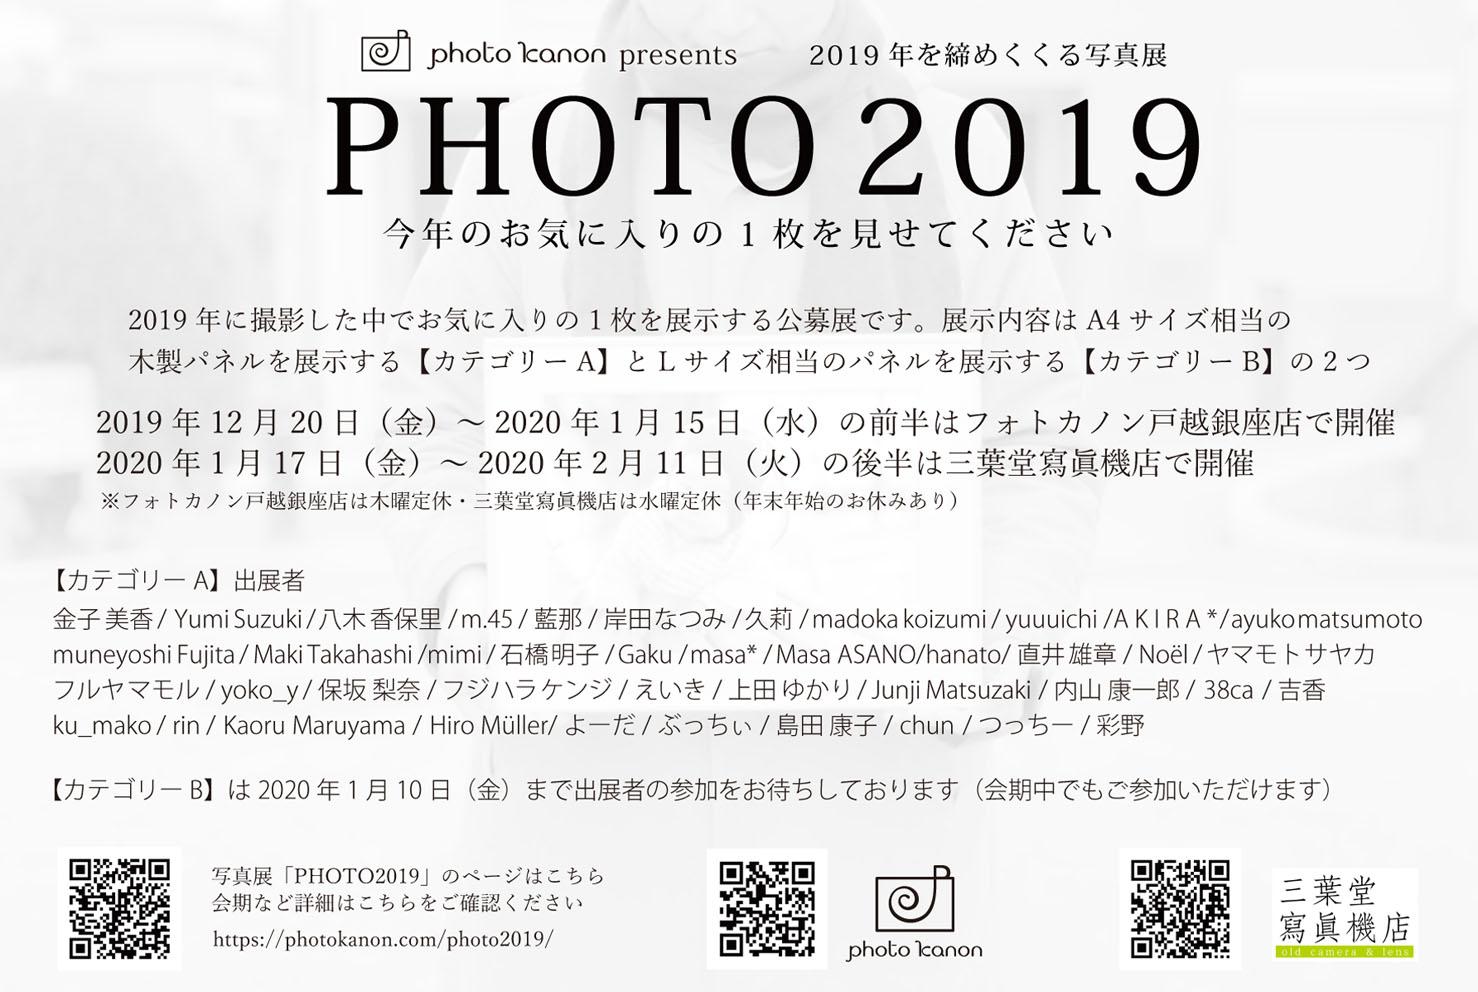 写真展「PHOTO 2019」出展のお知らせ_c0299360_18505524.jpg